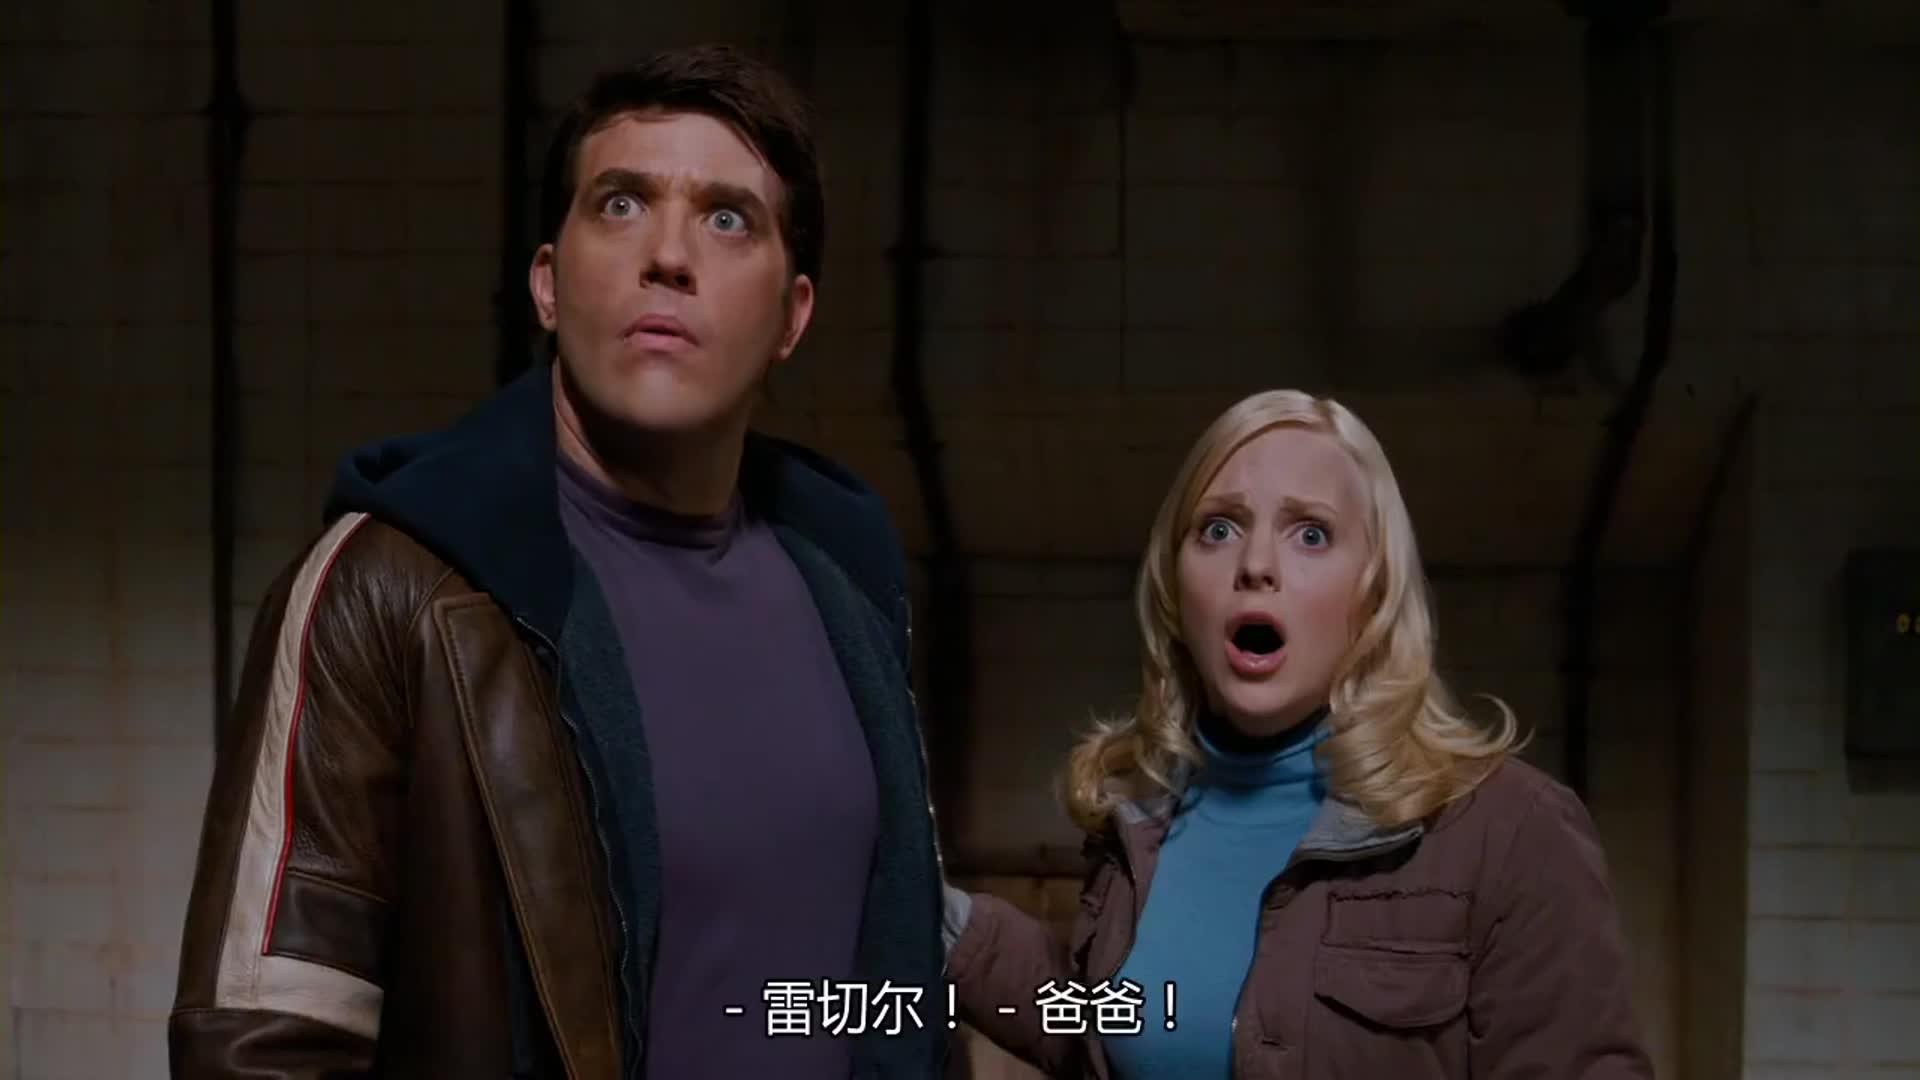 不是外星人来袭吗?怎么变成了《电锯惊魂》?好诡异!